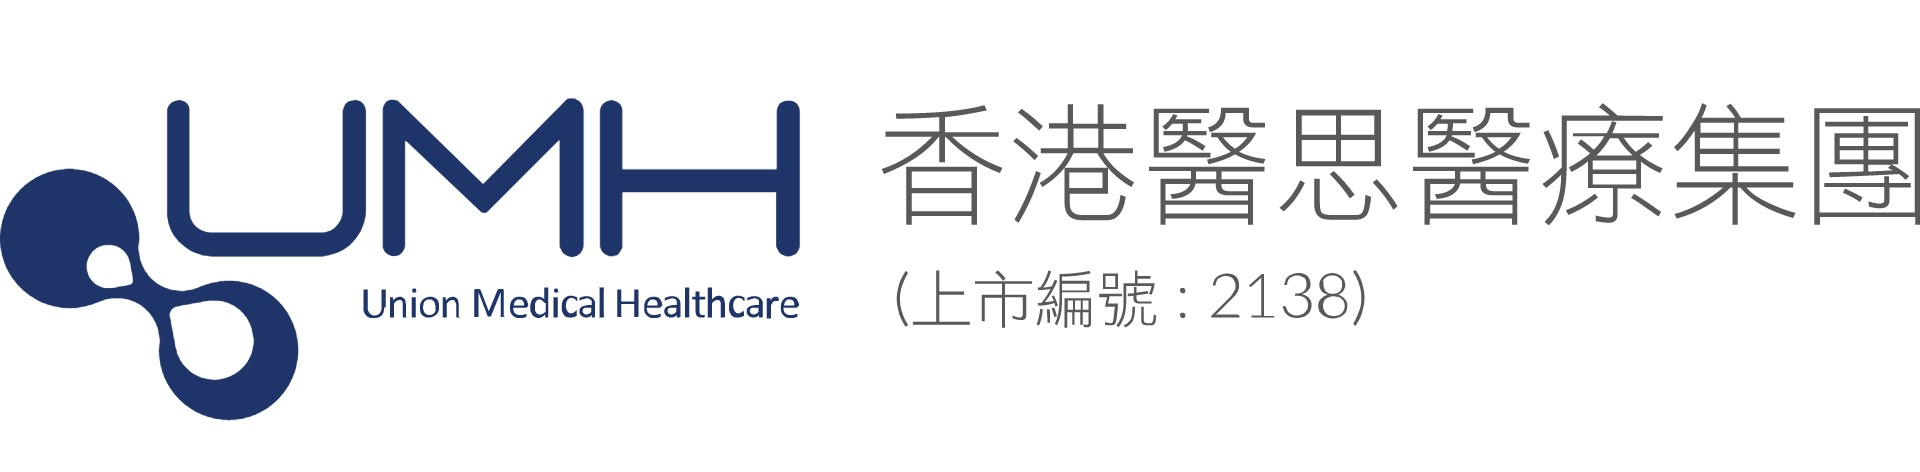 UMH丨網上商店